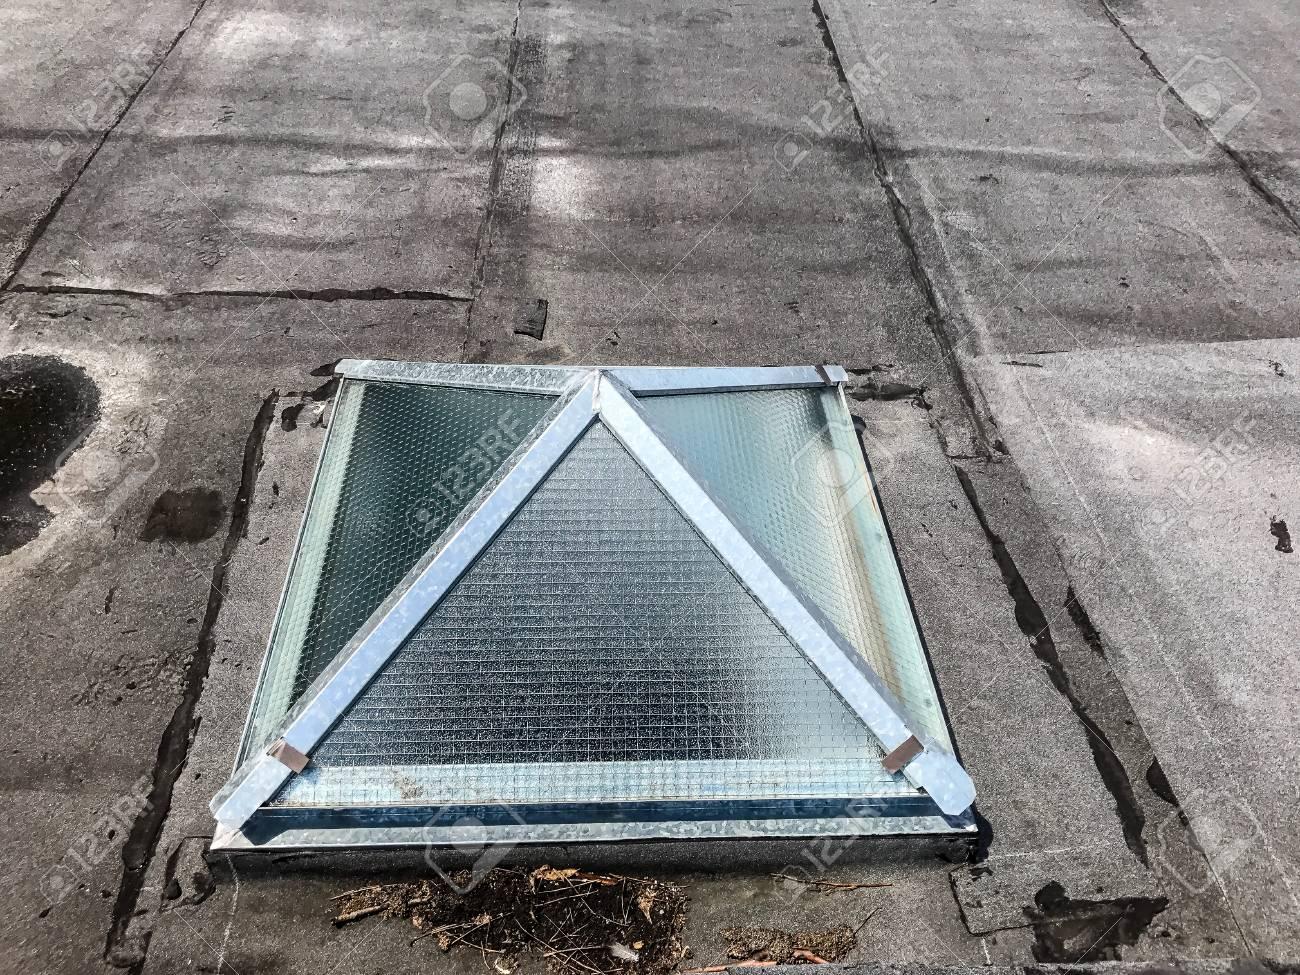 kleines dachfenster auf dem dach eines alten gebäudes. lizenzfreie